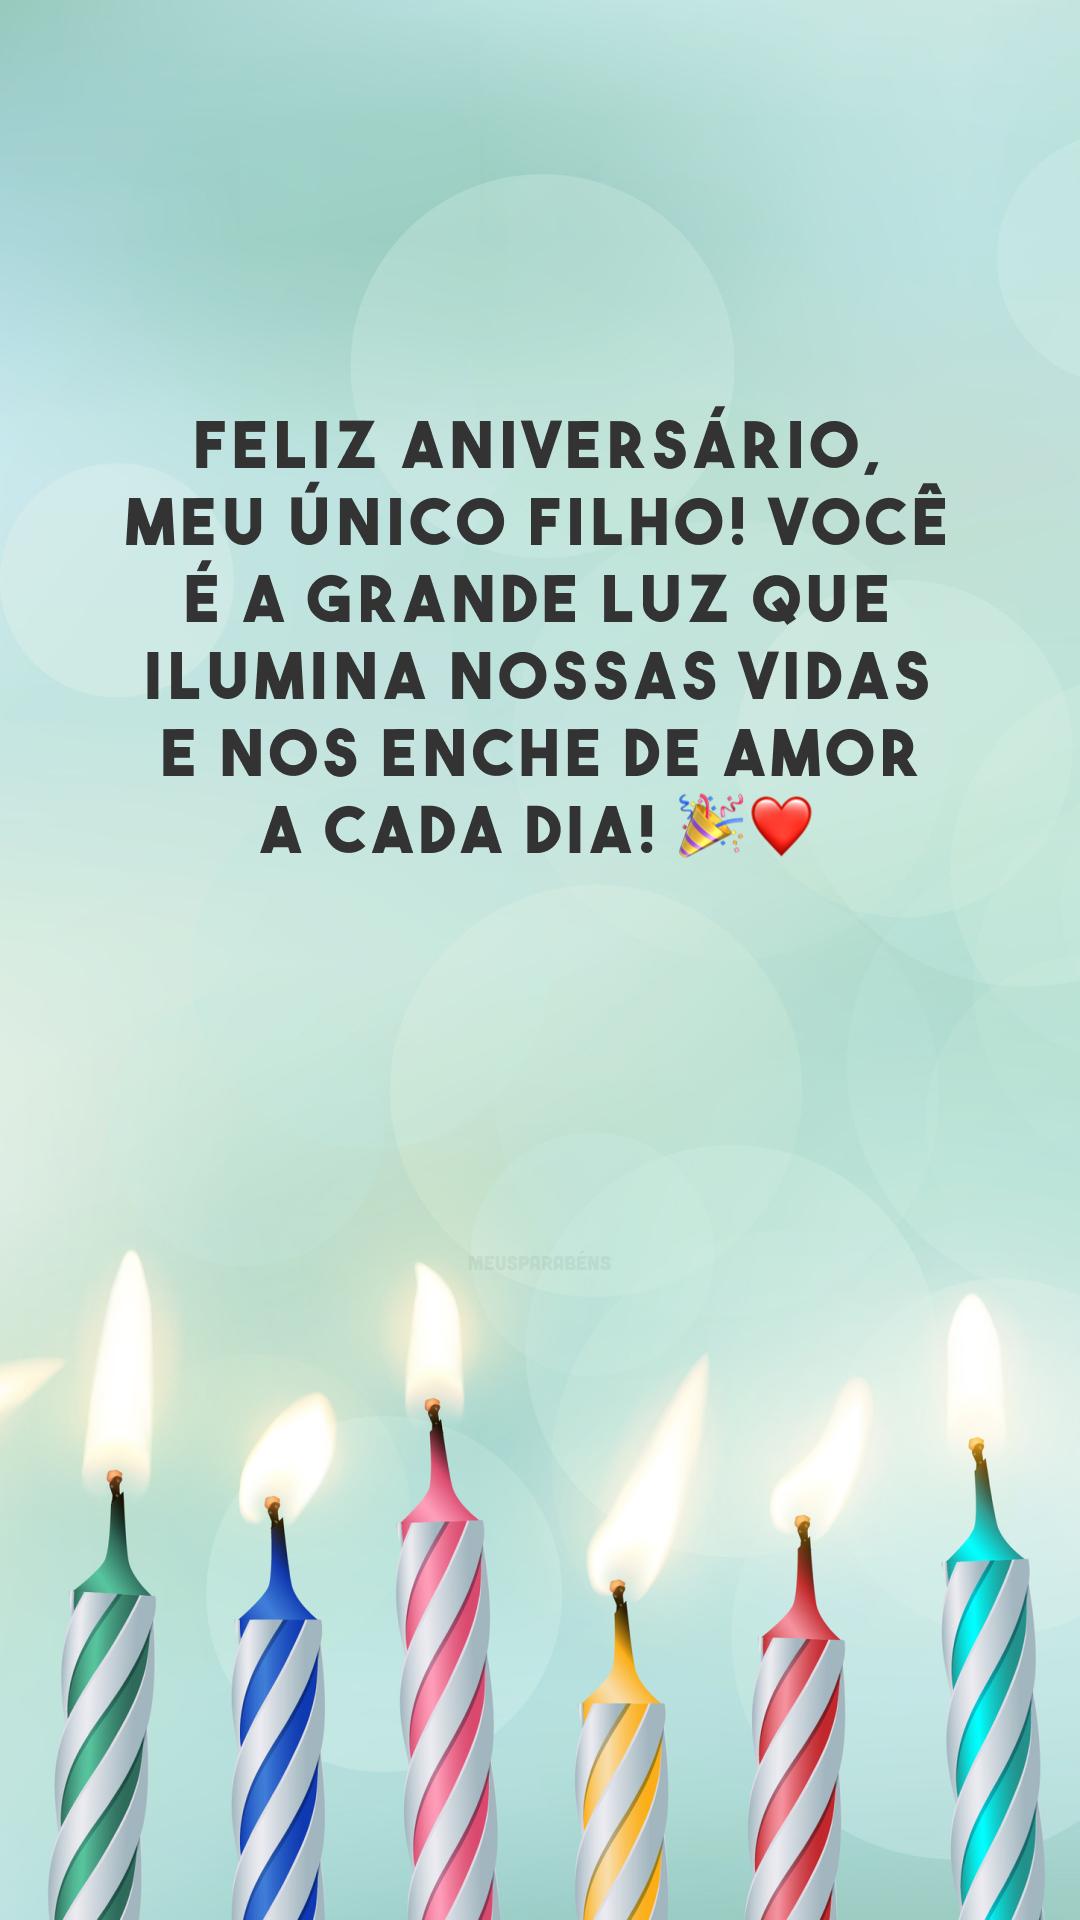 Feliz aniversário, meu único filho! Você é a grande luz que ilumina nossas vidas e nos enche de amor a cada dia! 🎉❤️